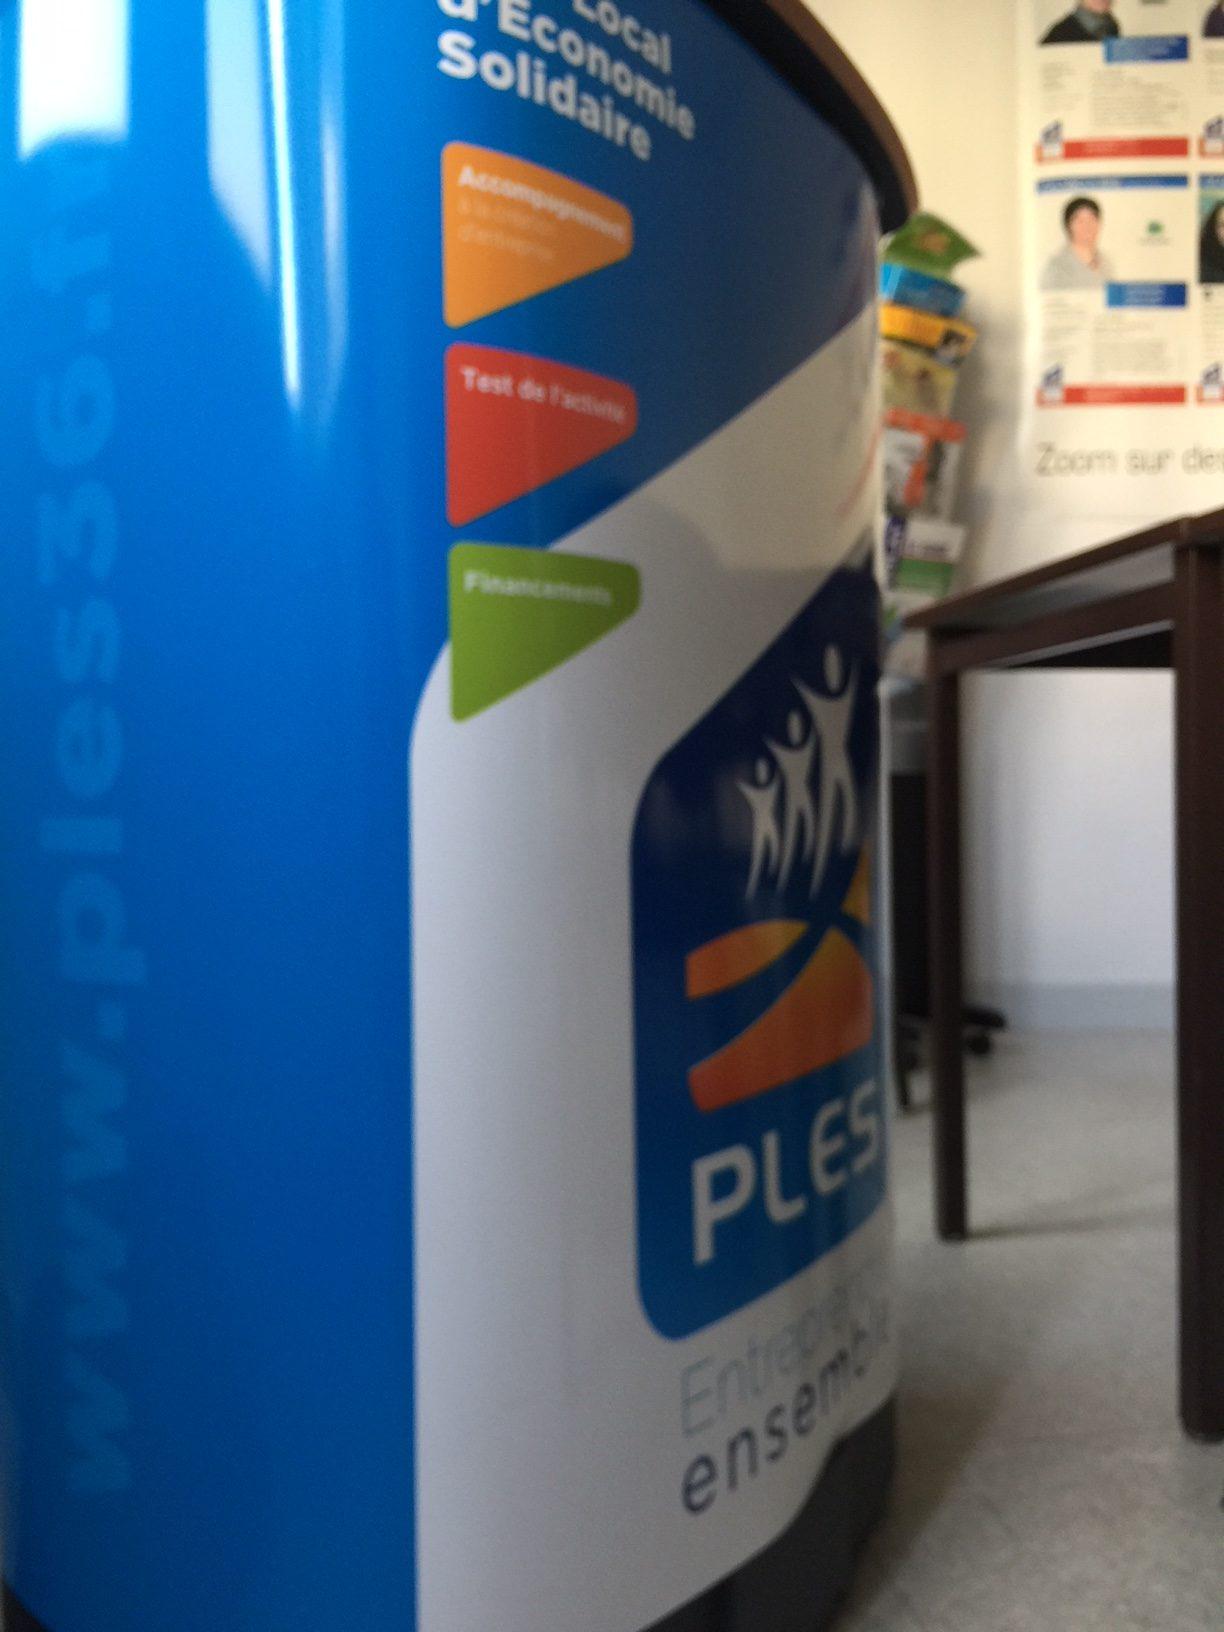 Vidéo: Présentation du Pôle Local d'Economie Solidaire (PLES 36)